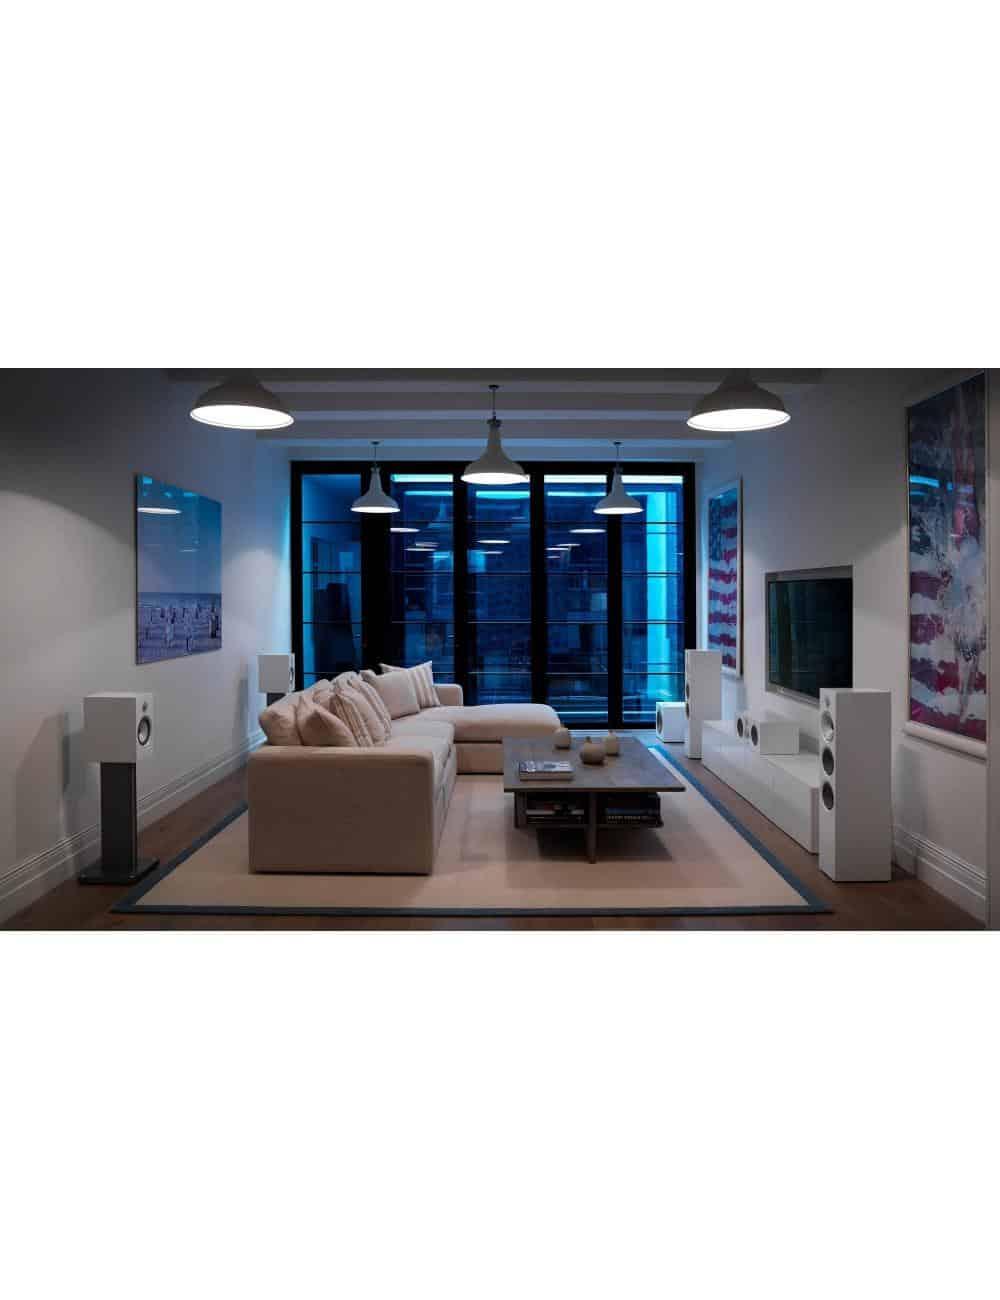 diffusori acustici da pavimento per hifi e home theater, Bowers & Wilkins 703, ambientazione